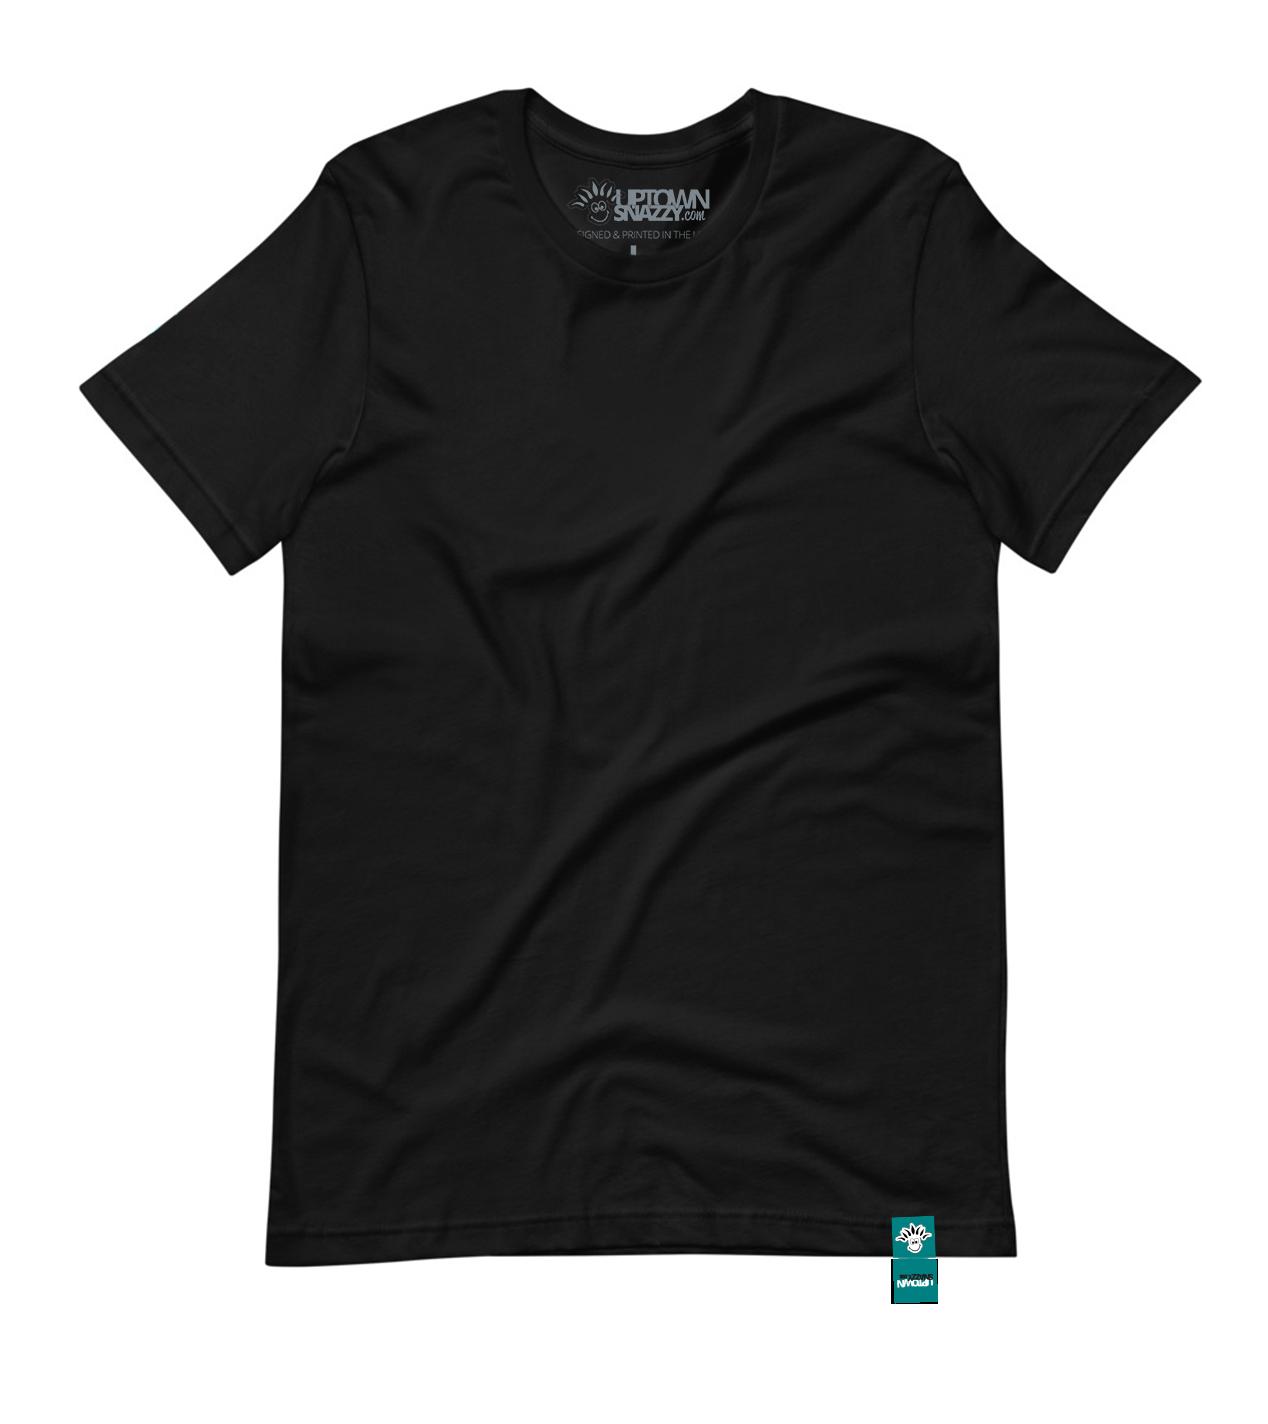 100% Cotton Shirt Details